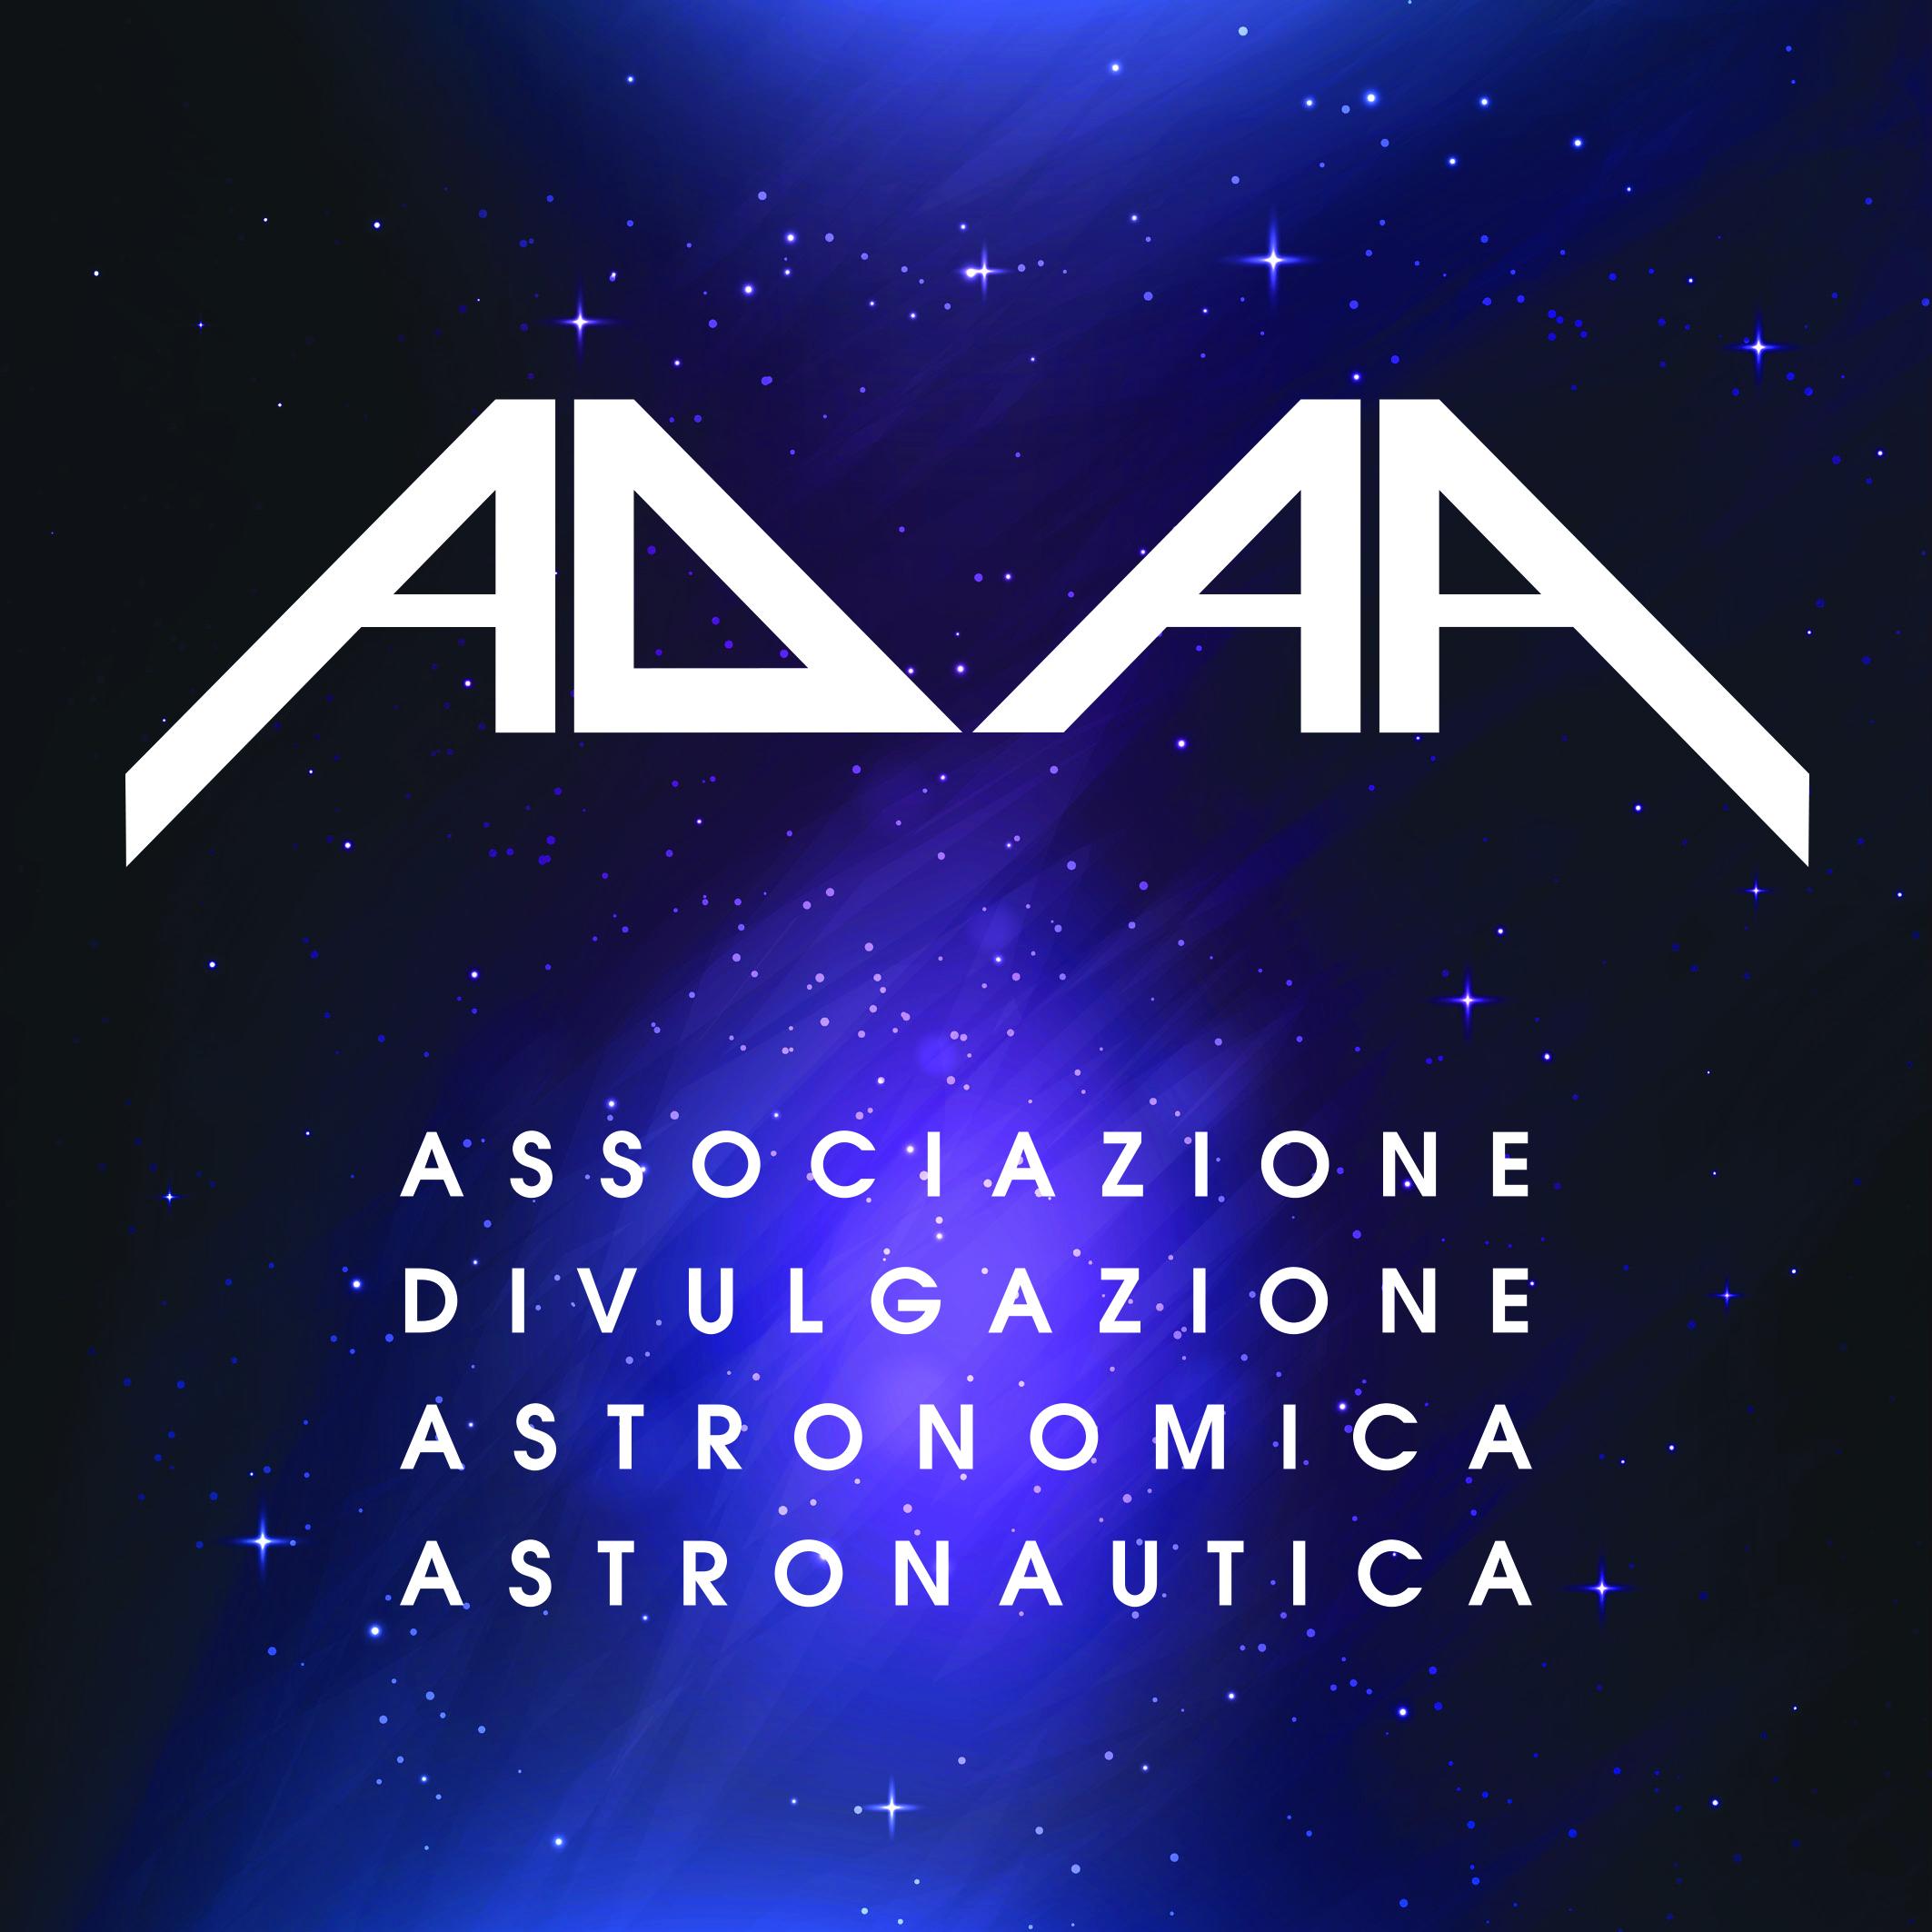 Ass. Divulgazione Astronomica e Astronautica